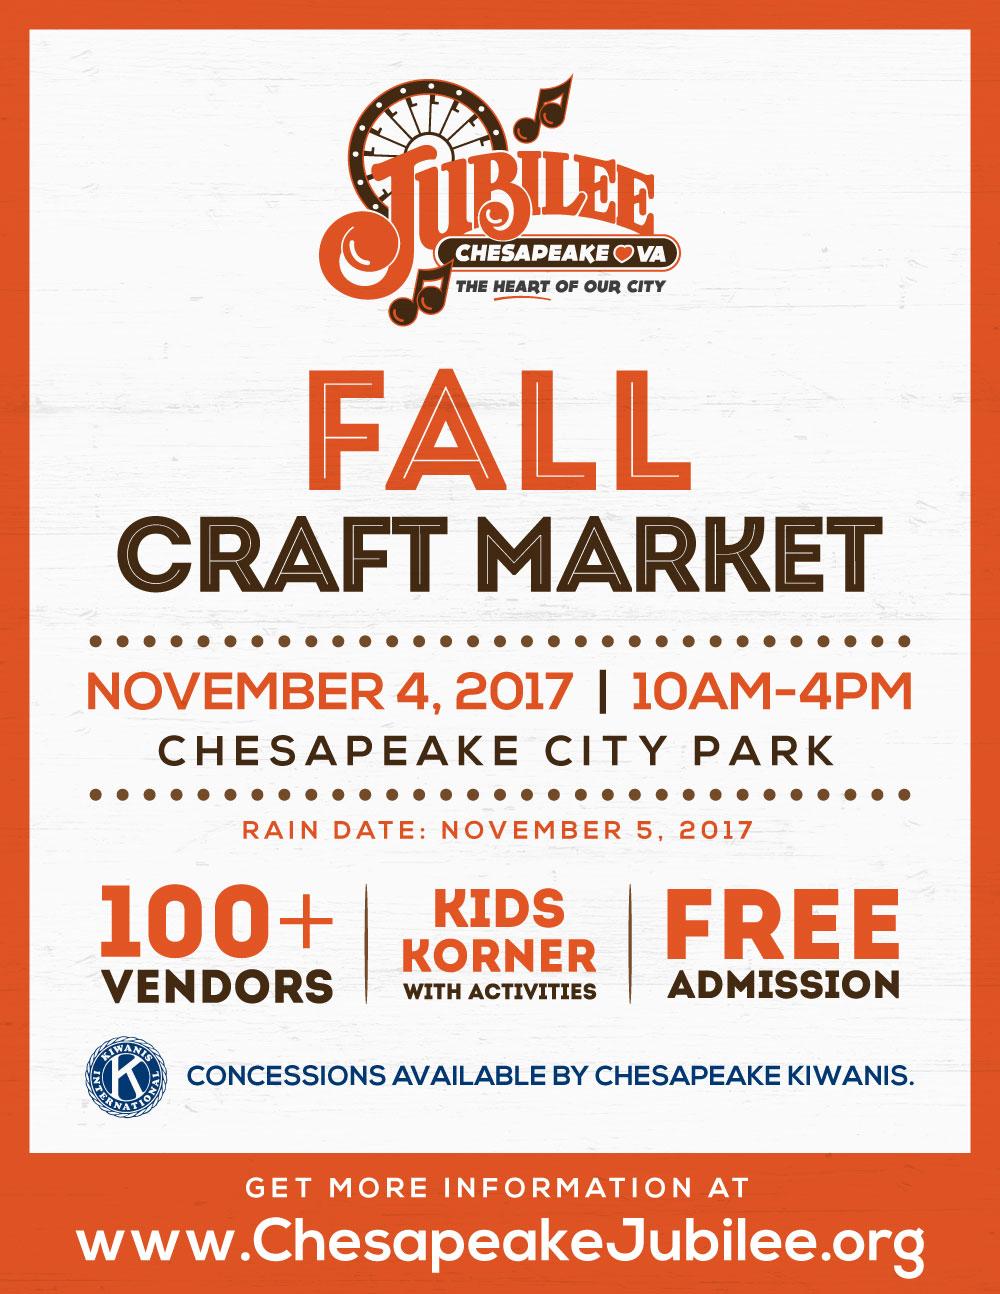 Chesapeake Jubilee Fall Craft Market